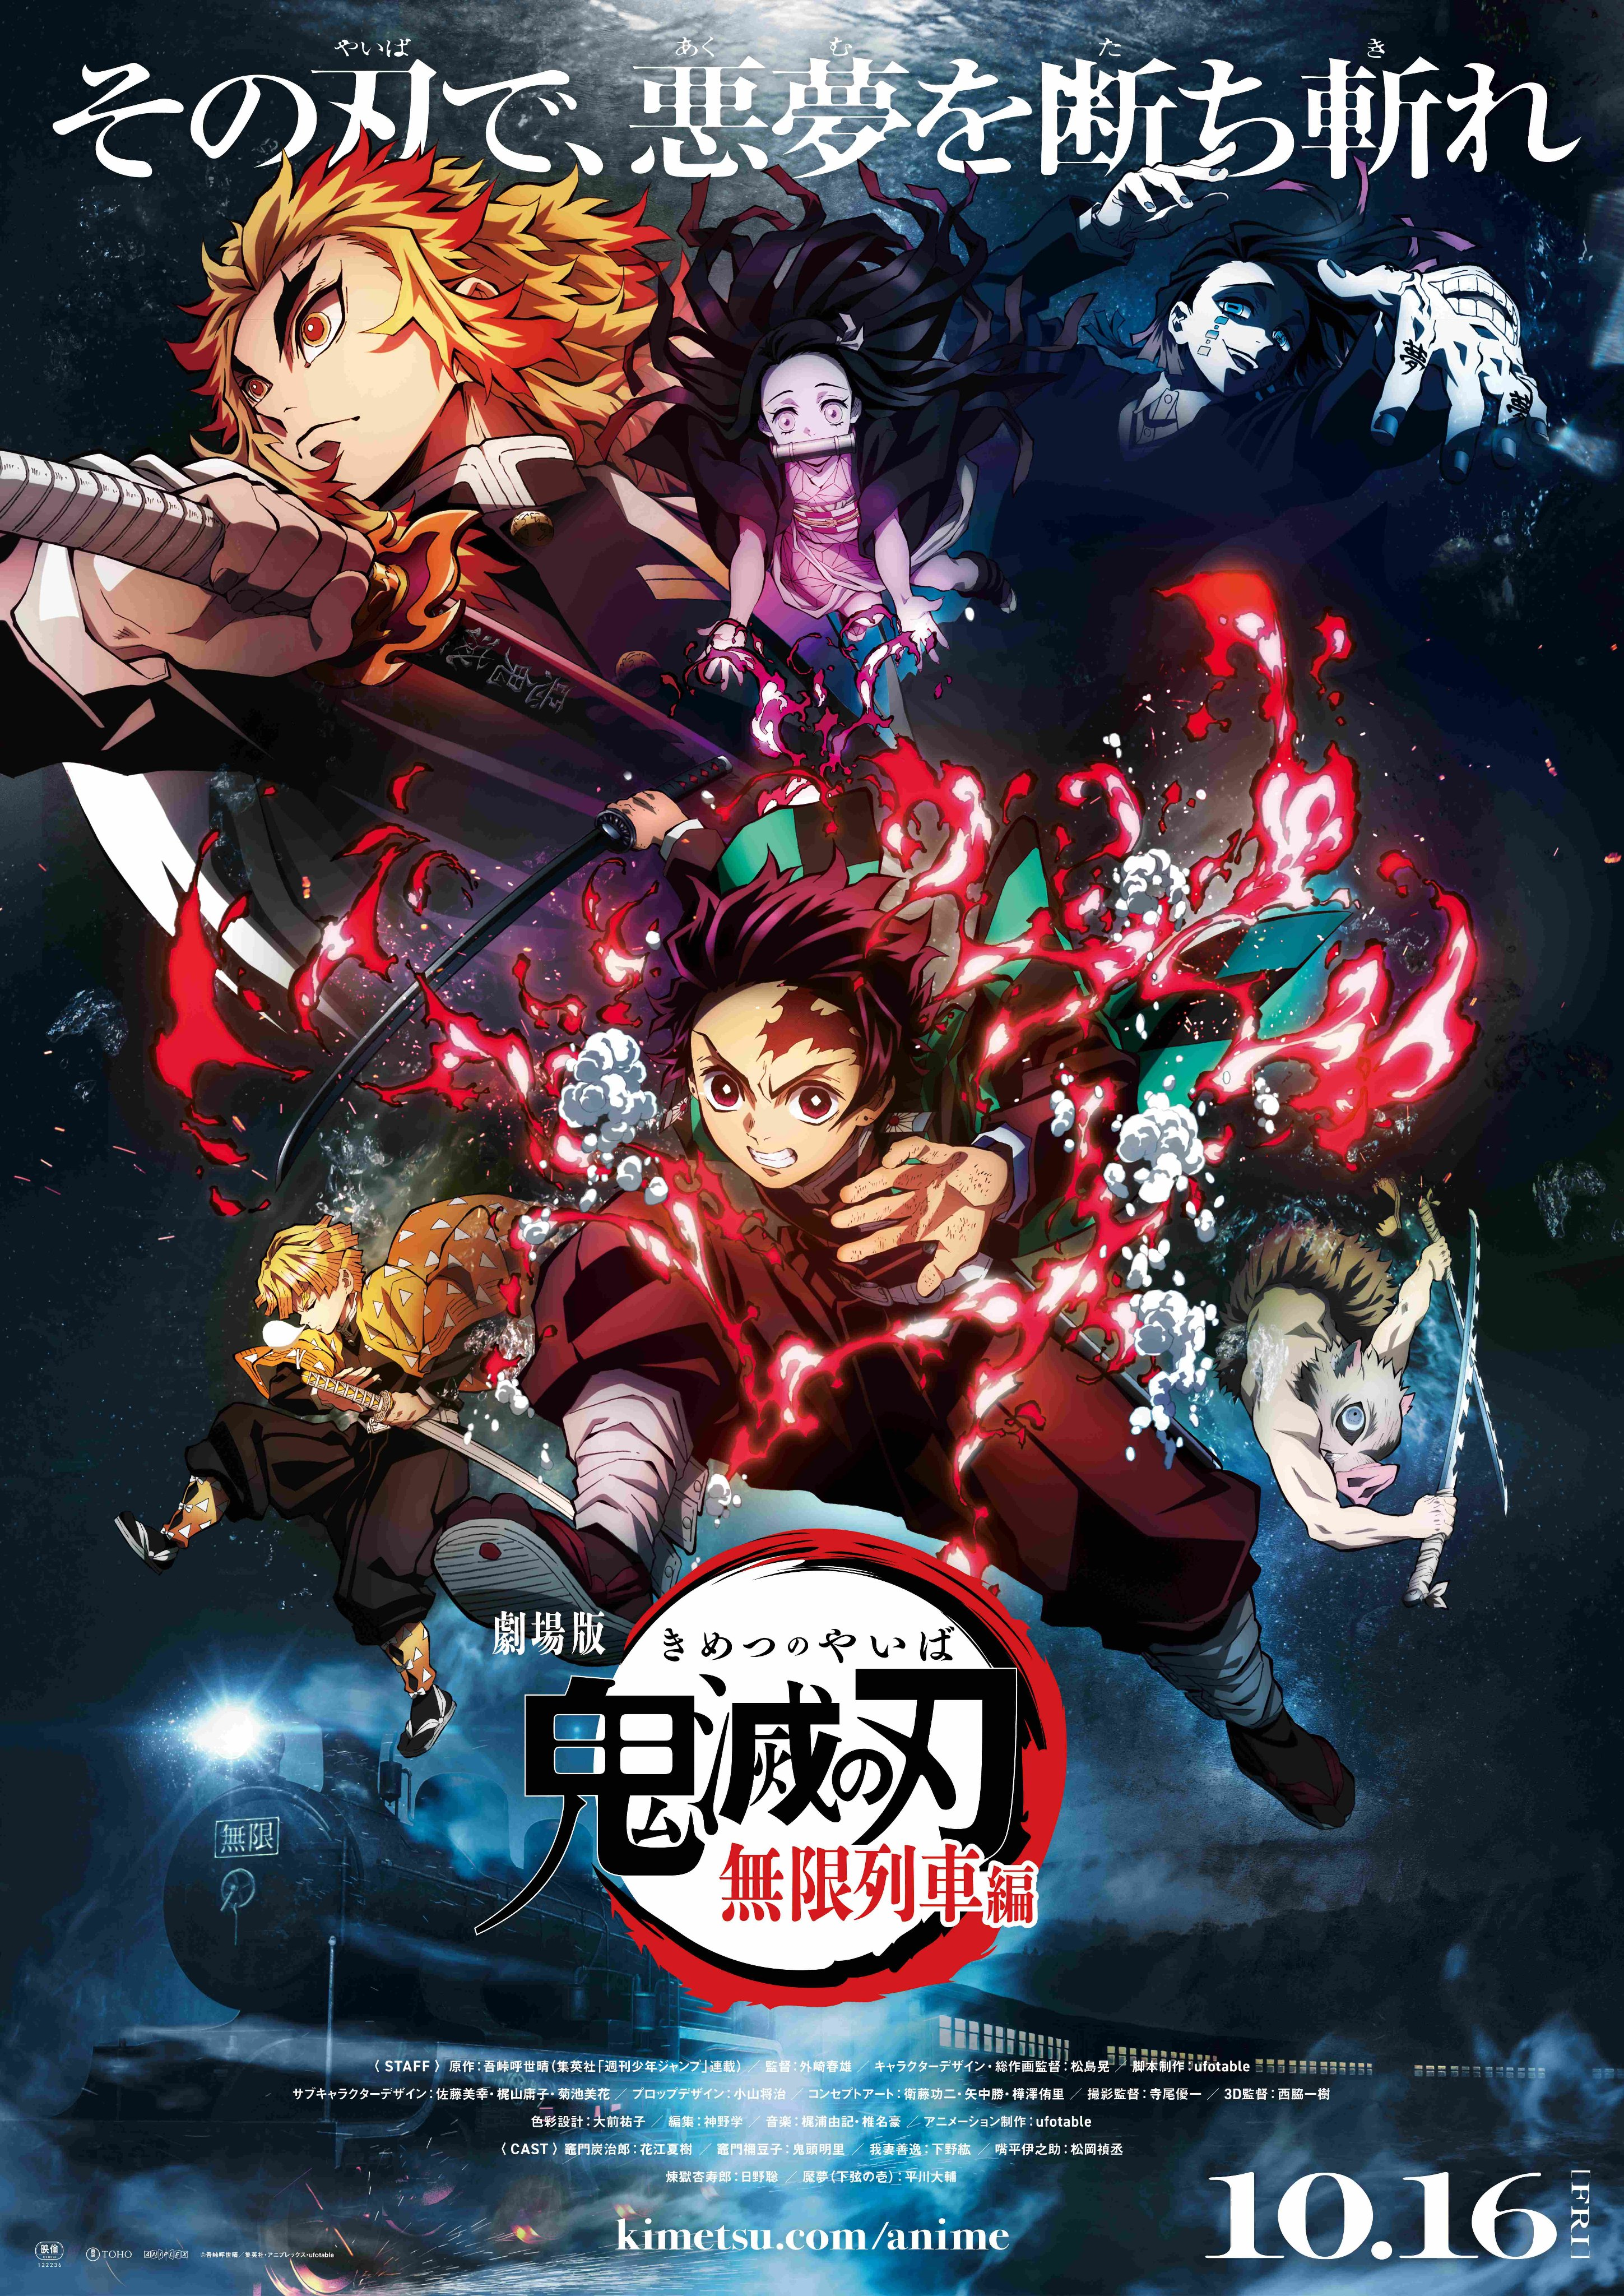 Demon Slayer: Mugen Train Anime Film Opens in Japan on